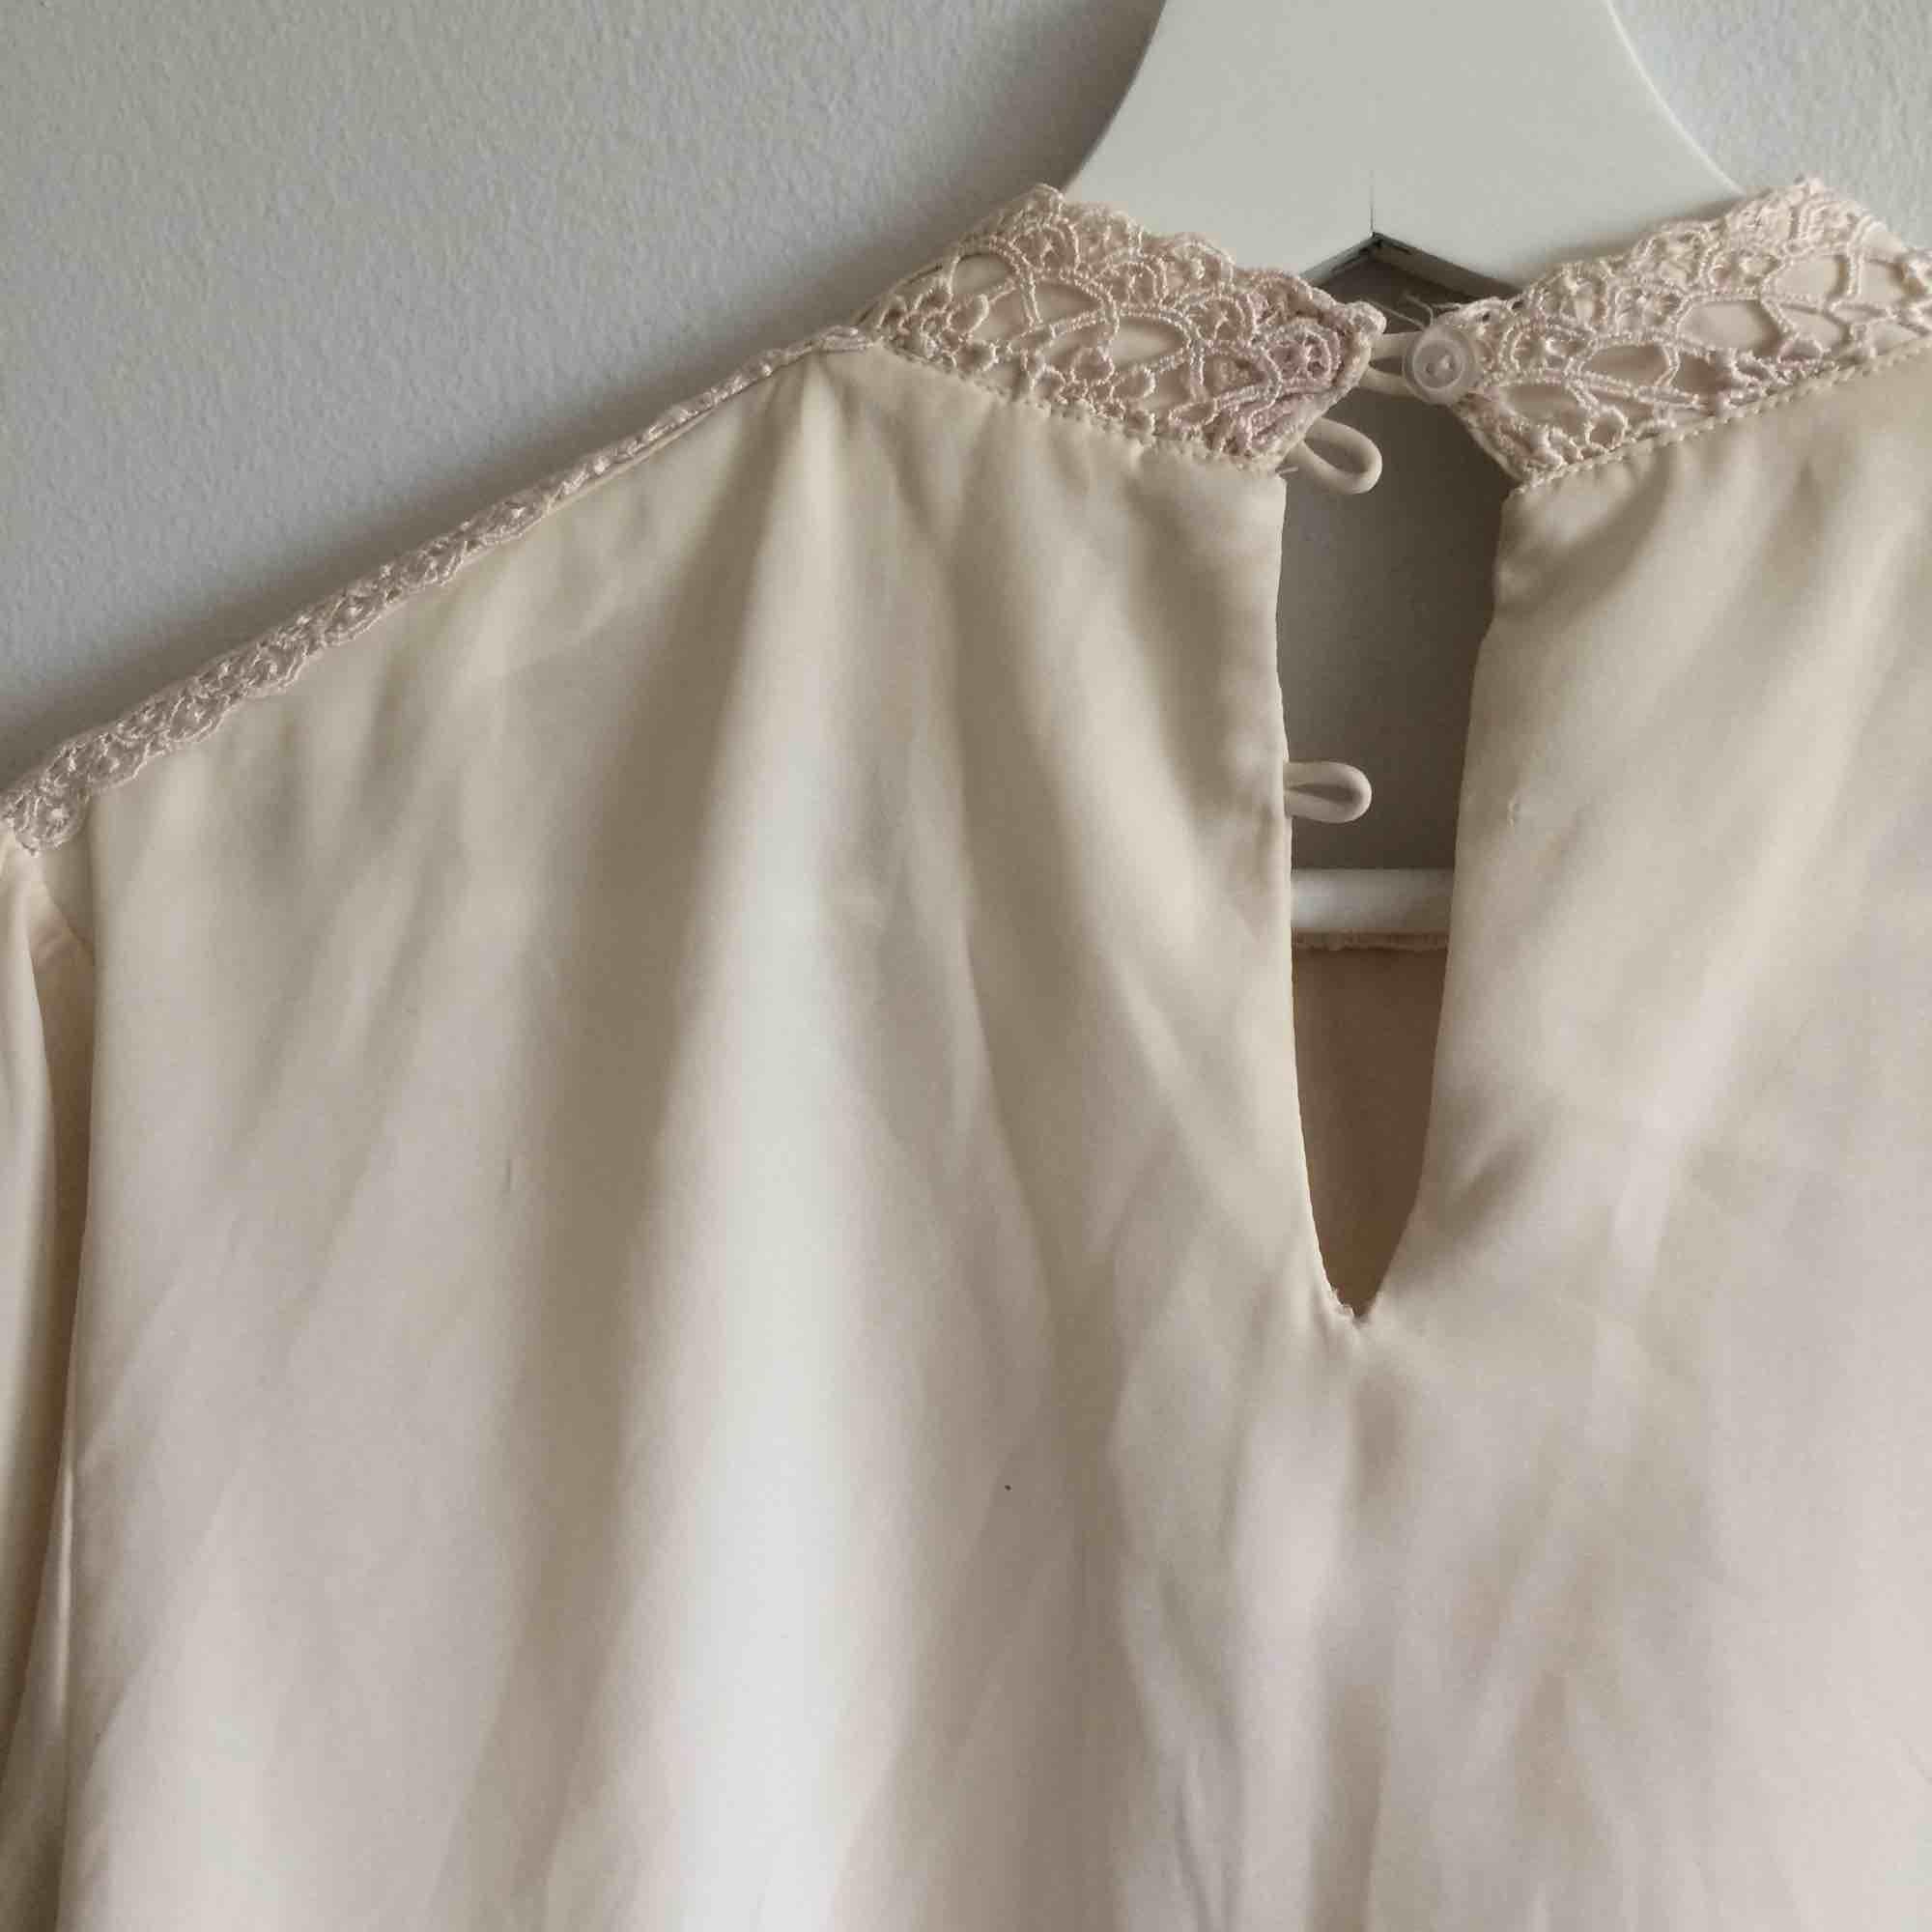 Vintage blus med broderimönster, viskose, det saknas två knappar, köpt på secondhand men har inte använt blusen. Stickat.